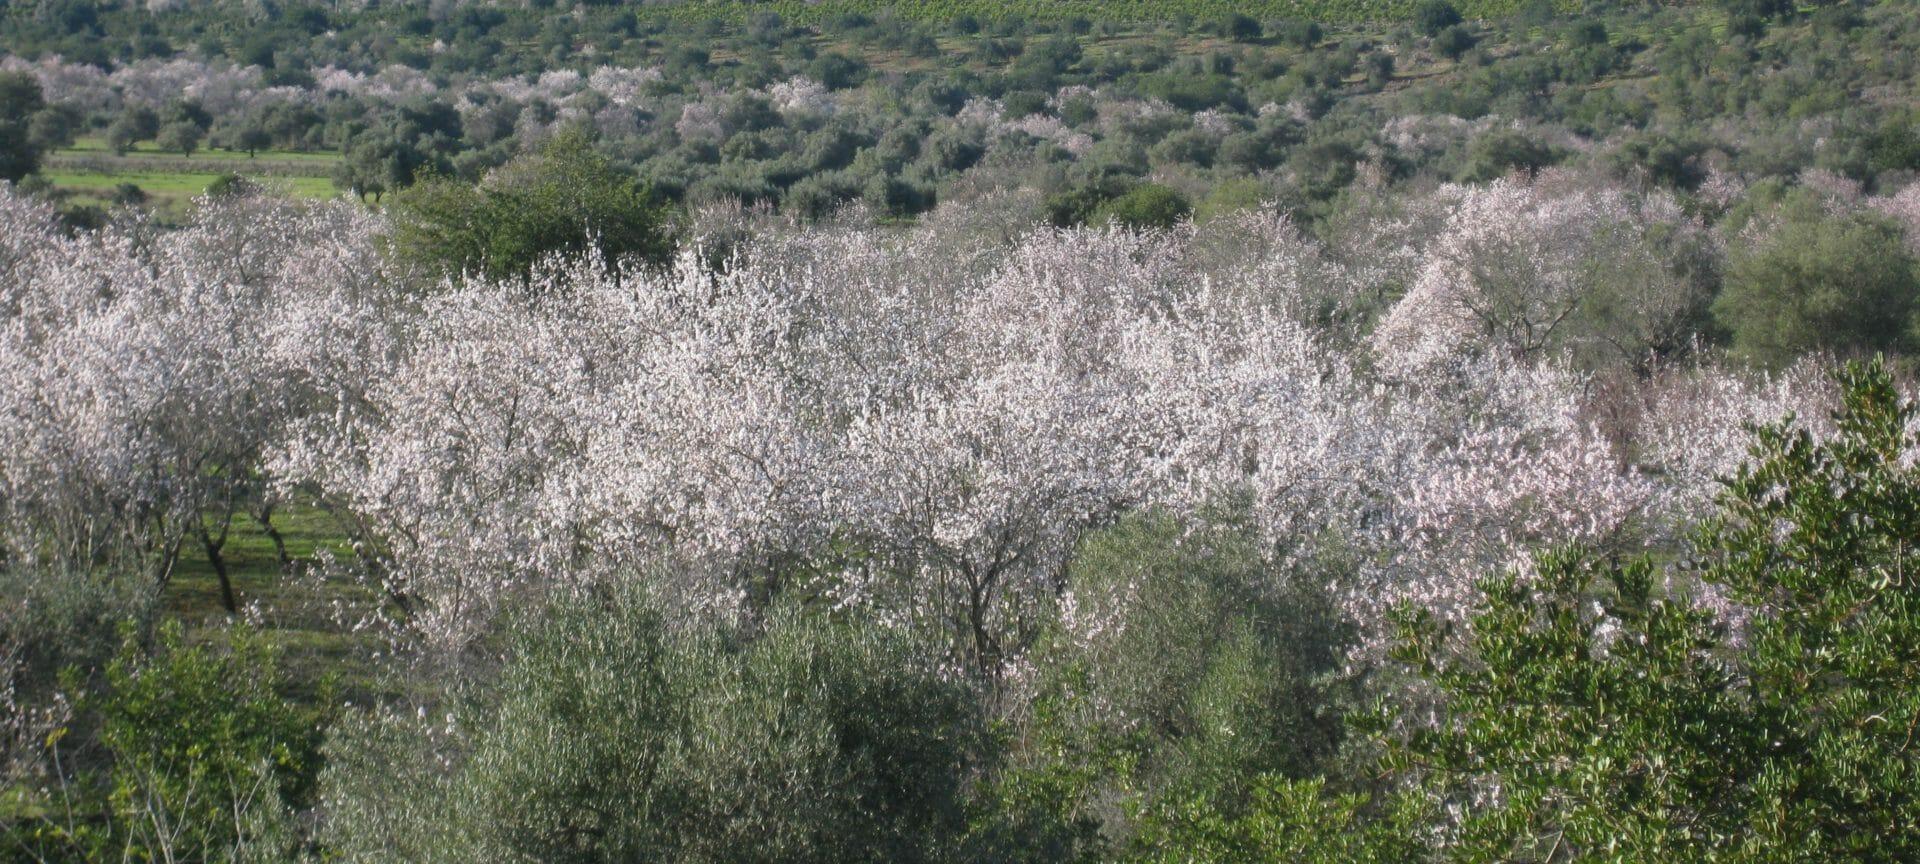 Yogawoche am Meer - Mandelblüte an der Algarve